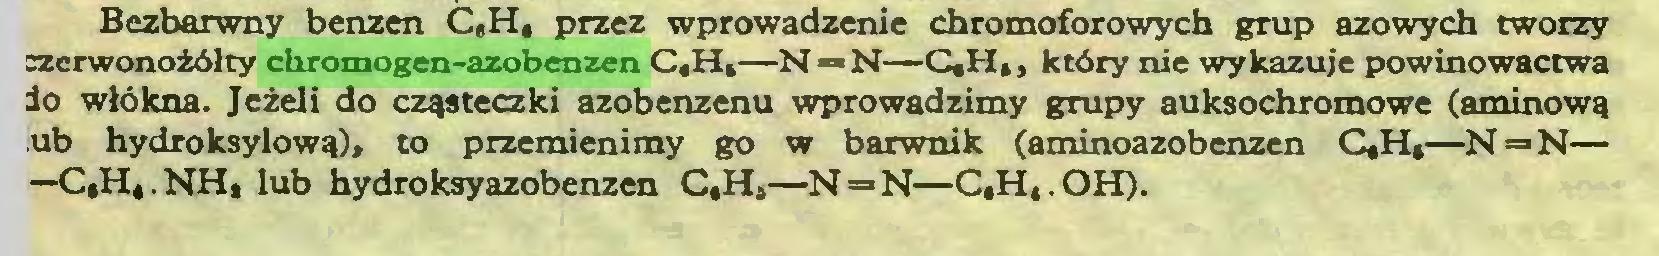 (...) Bezbarwny benzen C,H, przez wprowadzenie chromoforowych grup azowych tworzy szerwonożółty chromogen-azobenzen C,H,—N — N—C,H,, który nie wykazuje powinowactwa lo włókna. Jeżeli do cząsteczki azobenzenu wprowadzimy grupy auksochromowe (aminową ub hydroksylową), to przemienimy go w barwnik (aminoazobenzen C,H,—N = N— —C,H,.NH, lub hydroksyazobenzen C,H,—N=»N—C,H,.OH)...